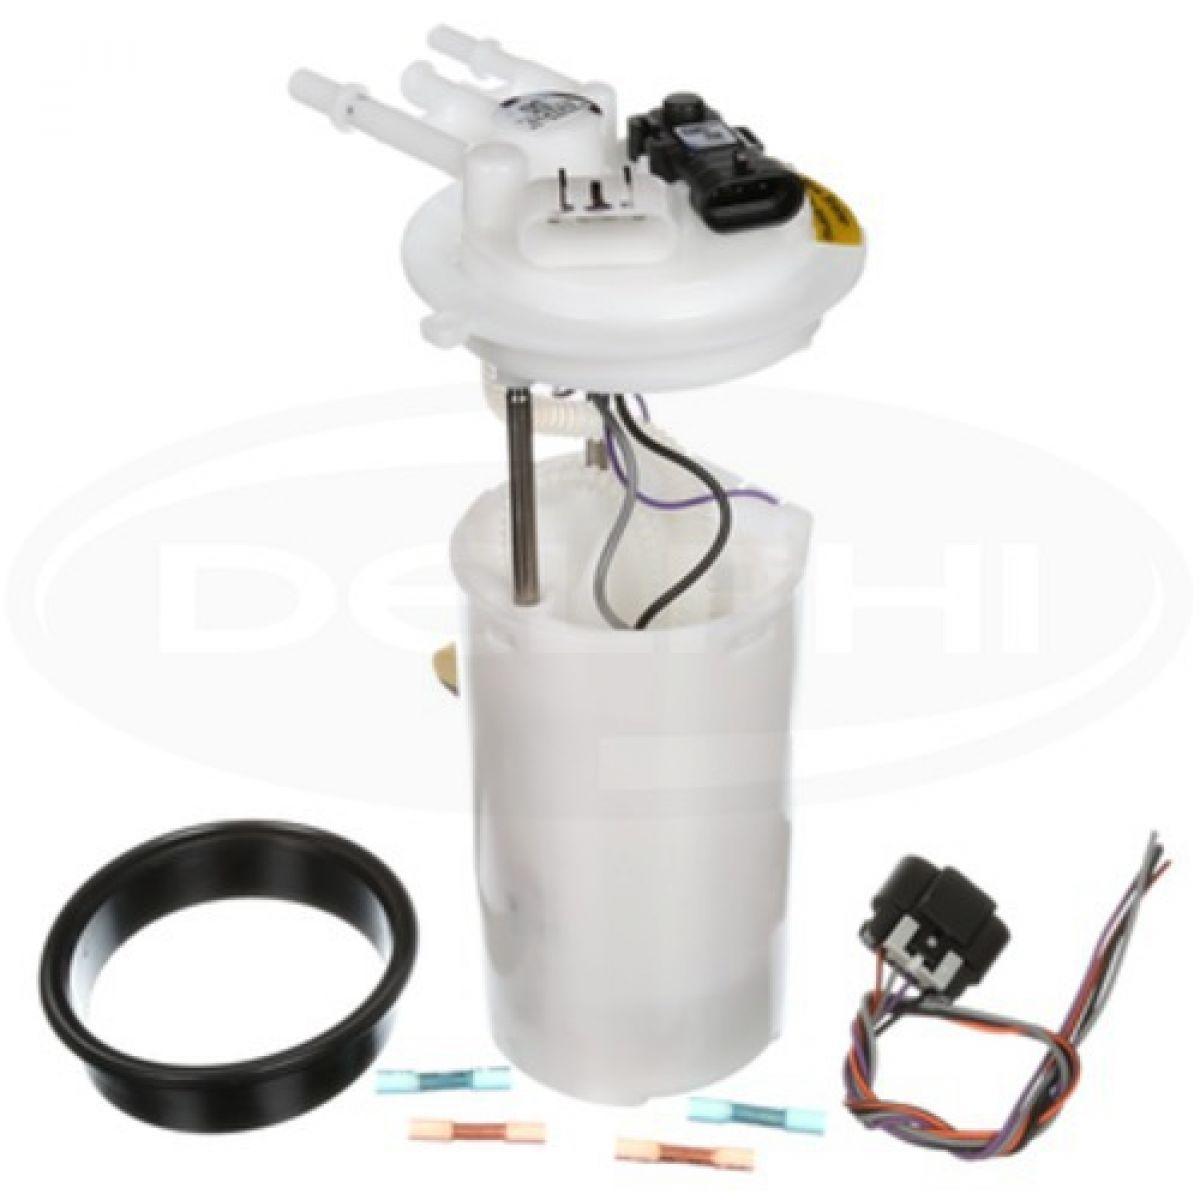 Delphi Fuel Pump Module FG0324 For 2000-2003 Chevy Tahoe 4.8L and 5.3L VIN T